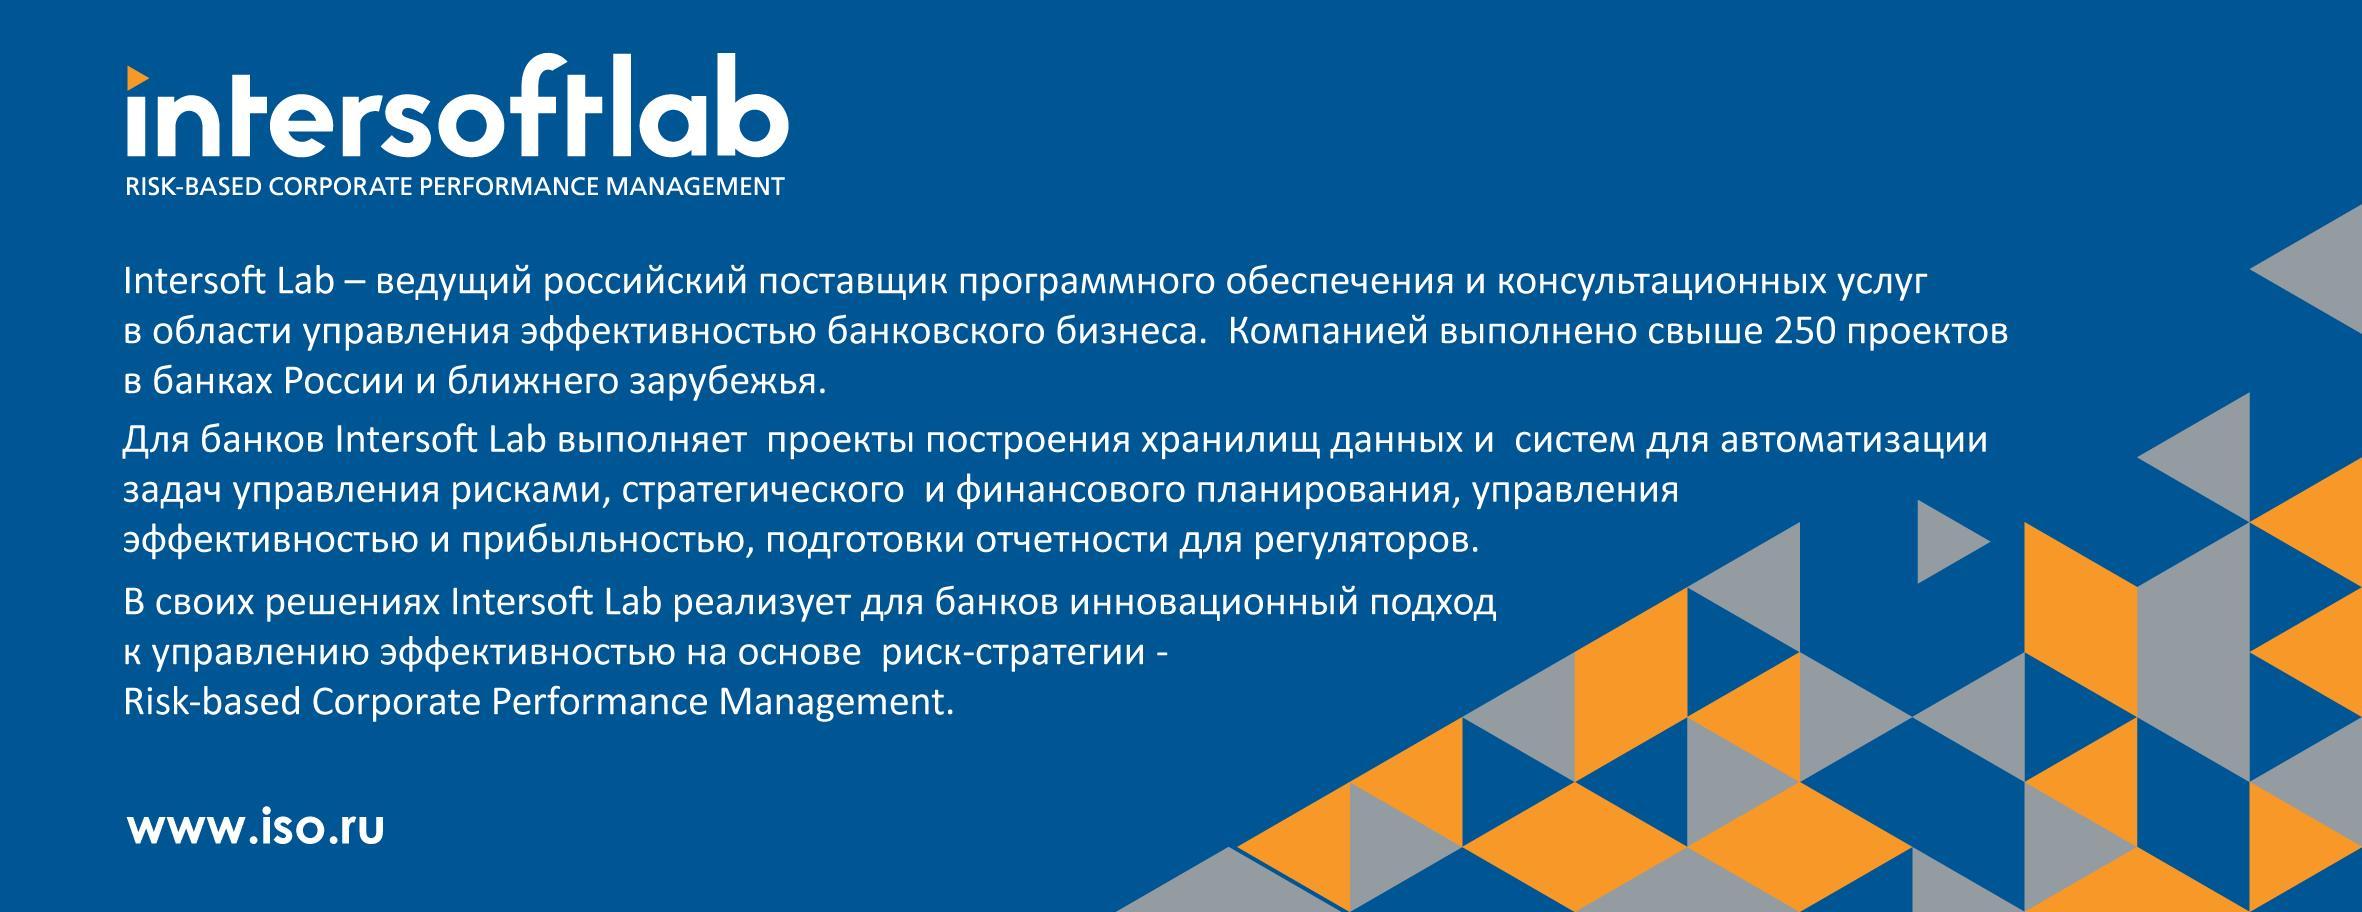 Intersoft Lab объявляет о выходе новой версии платформы для управления корпоративной эффективностью, основанного на рисках